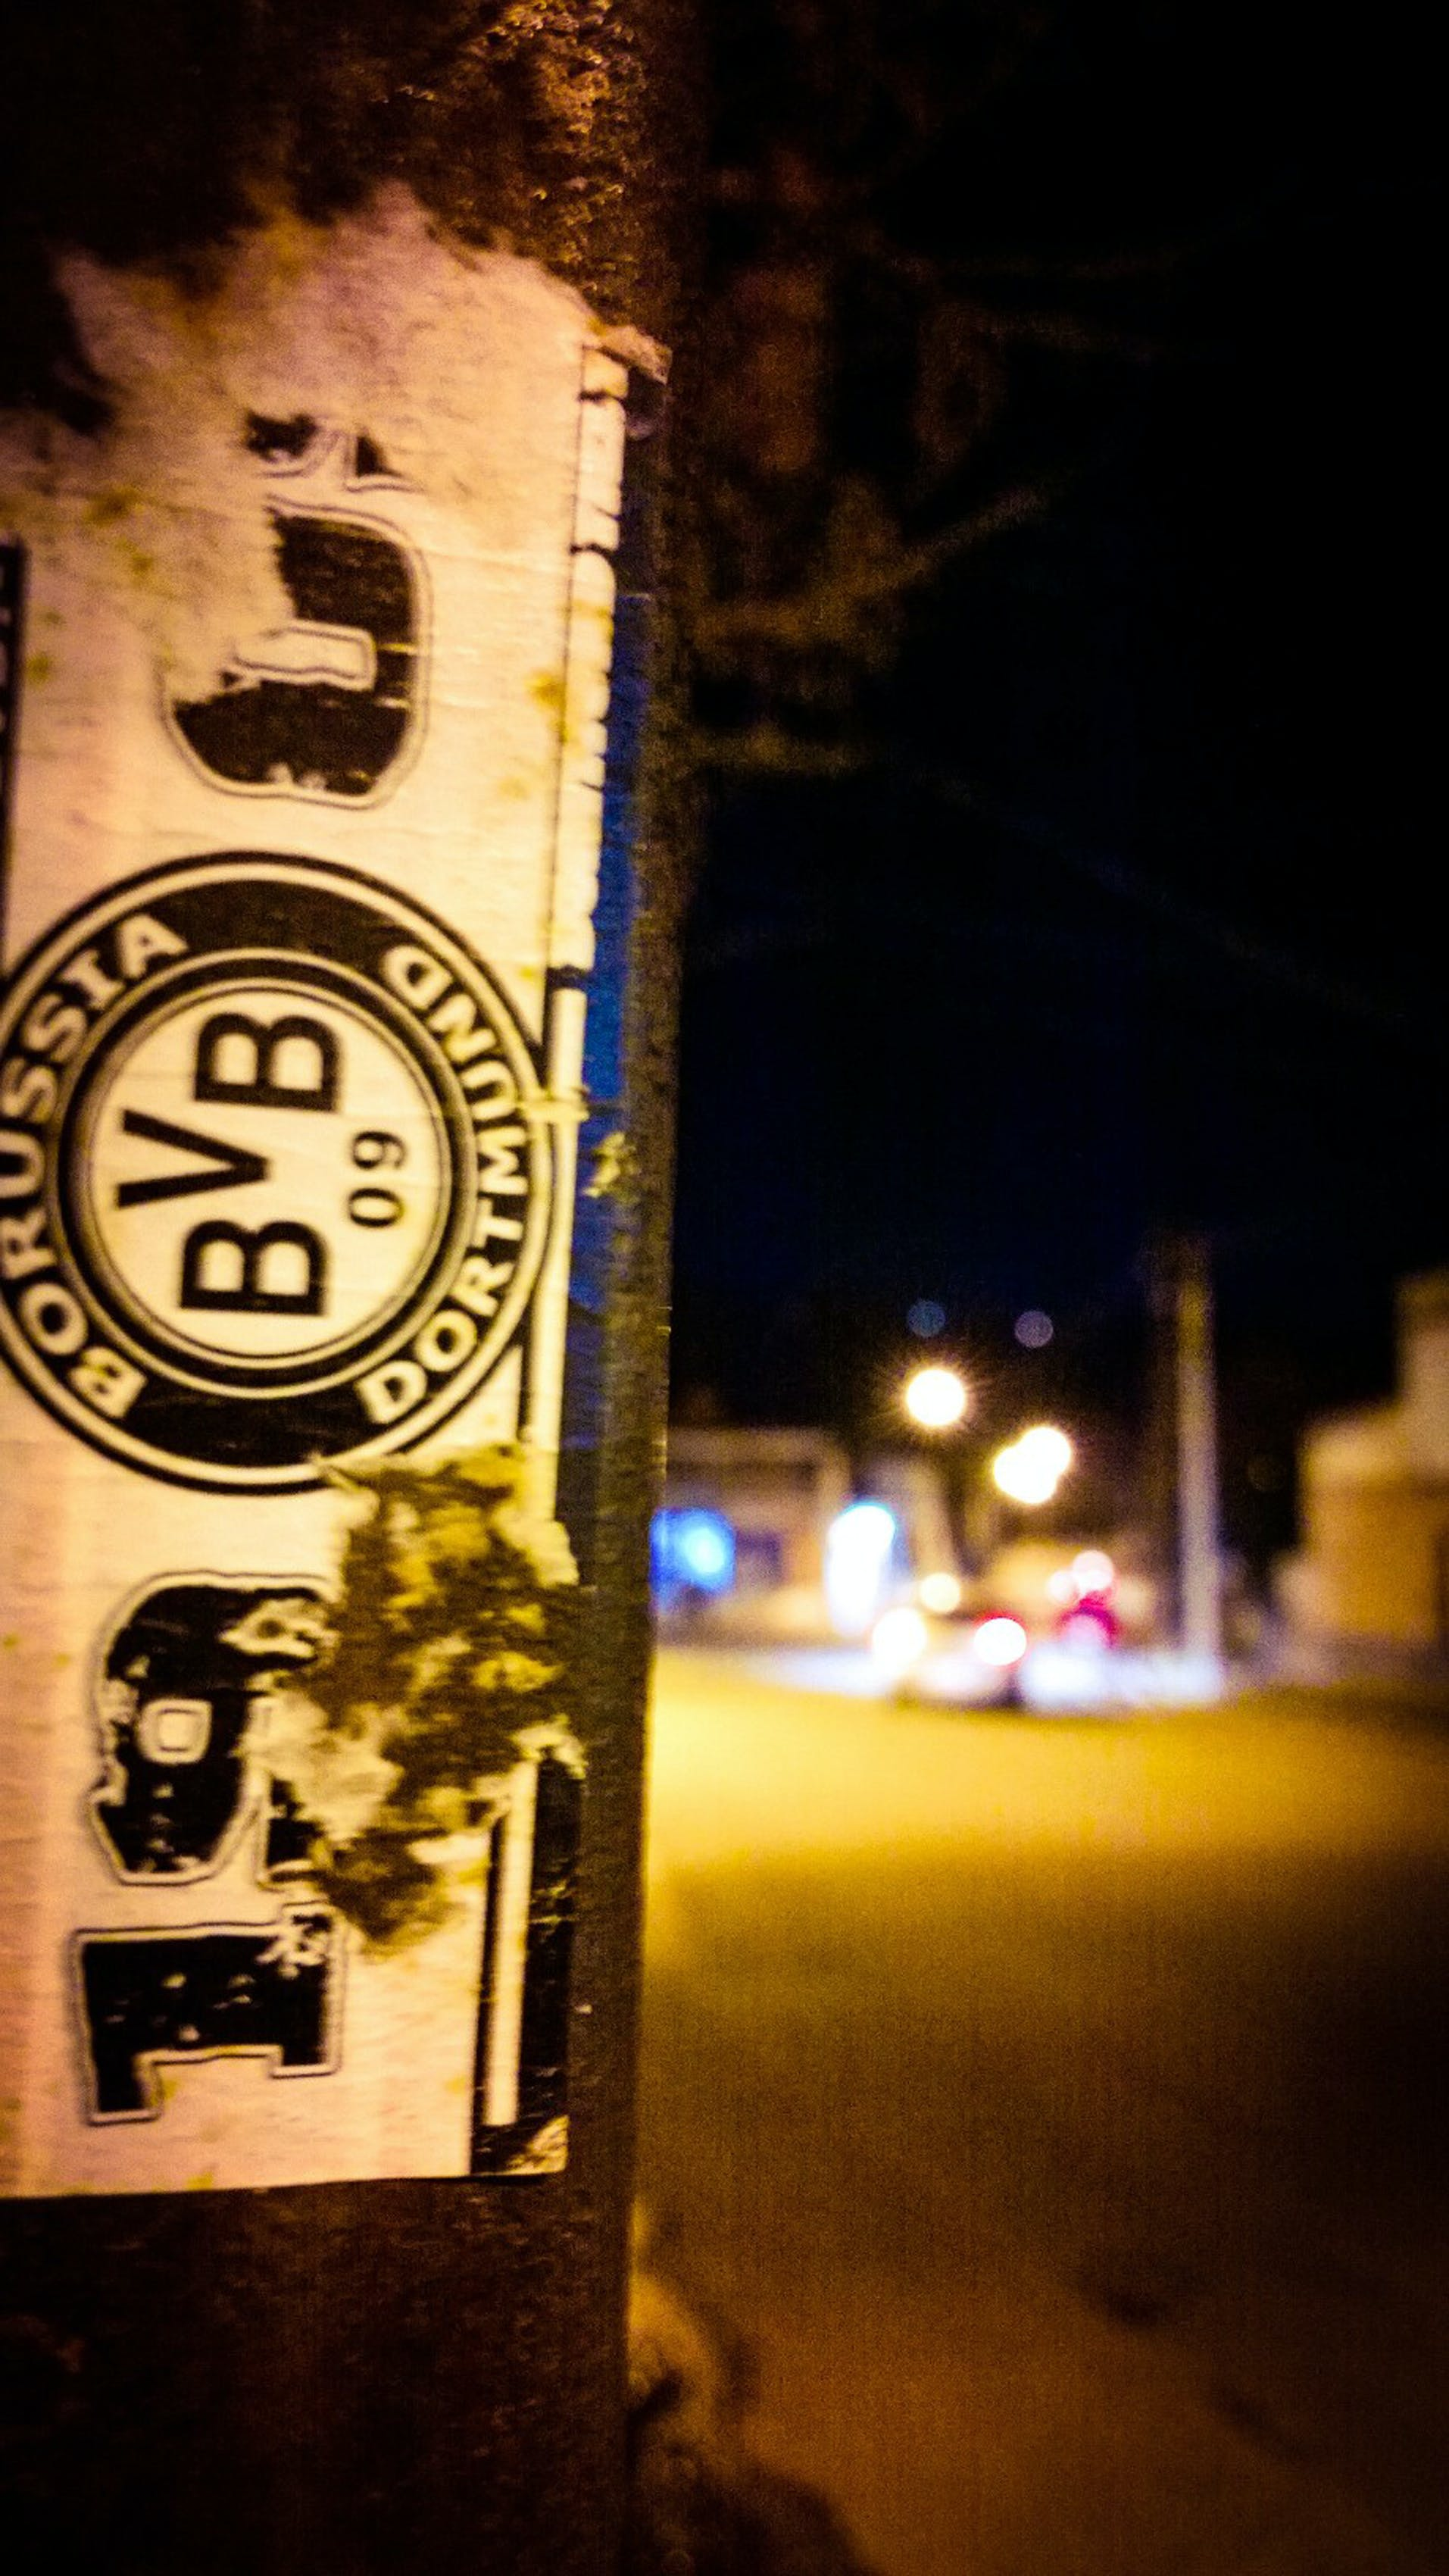 Free stock photo of borussia, fan, soccer, street